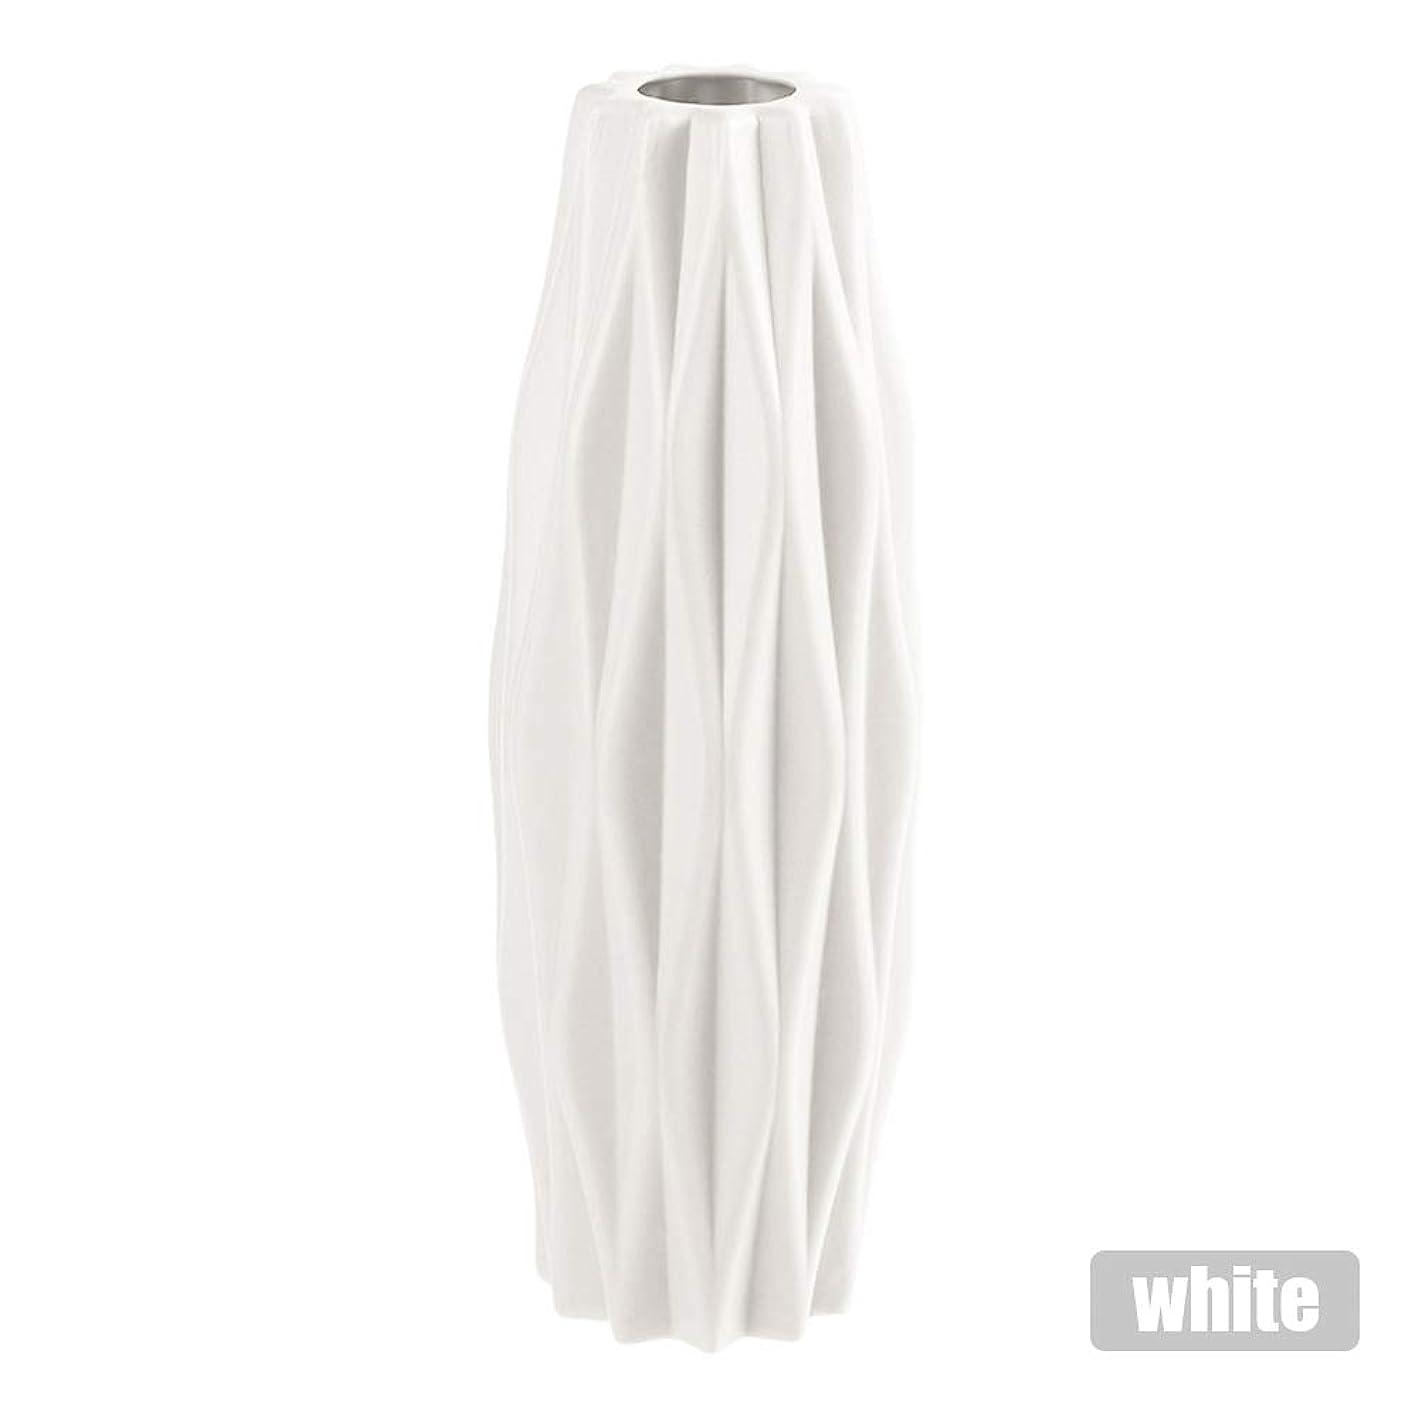 パキスタンレディ脱走花瓶、模造セラミック花瓶ノルディックスタイル花瓶アンチフォールPP花瓶フラワーポットドライフラワー装飾花瓶-ホワイト